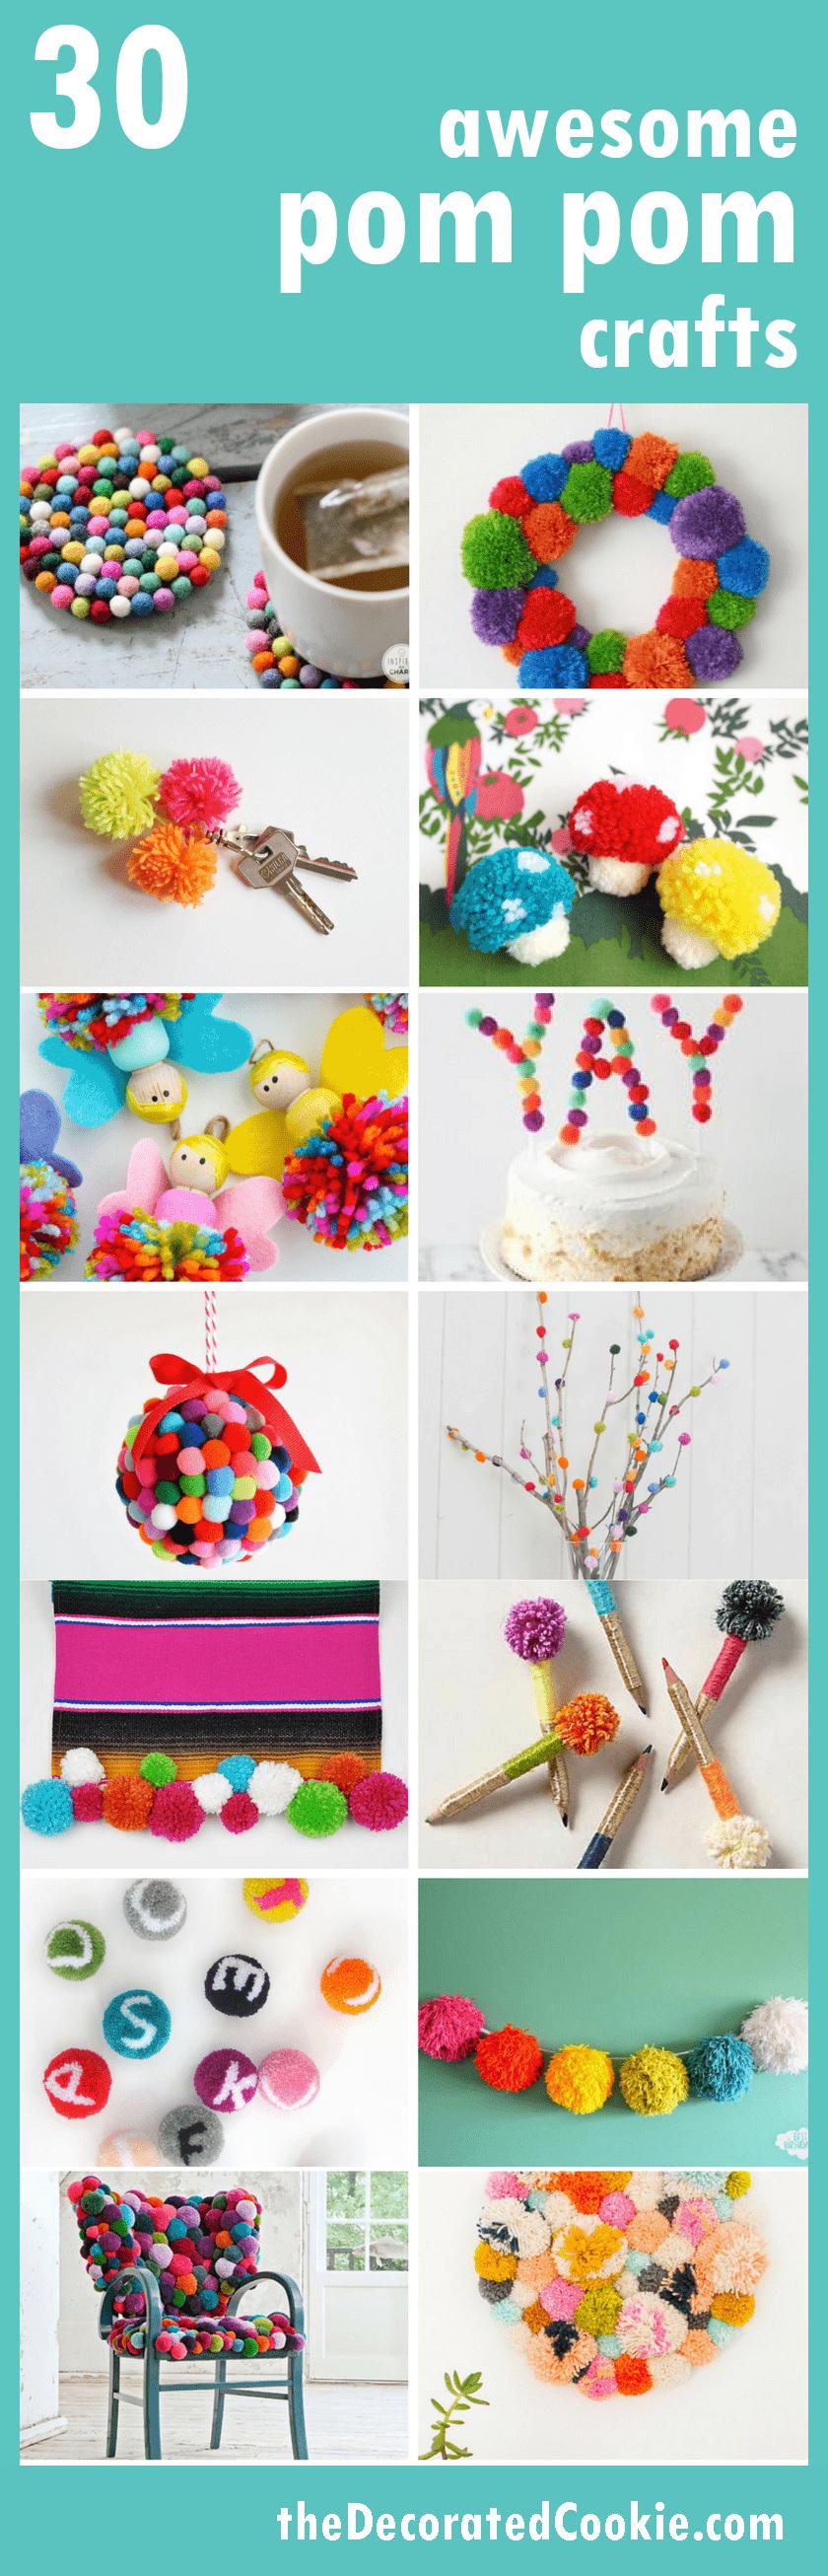 A roundup of pom pom crafts -- home decor, accessories